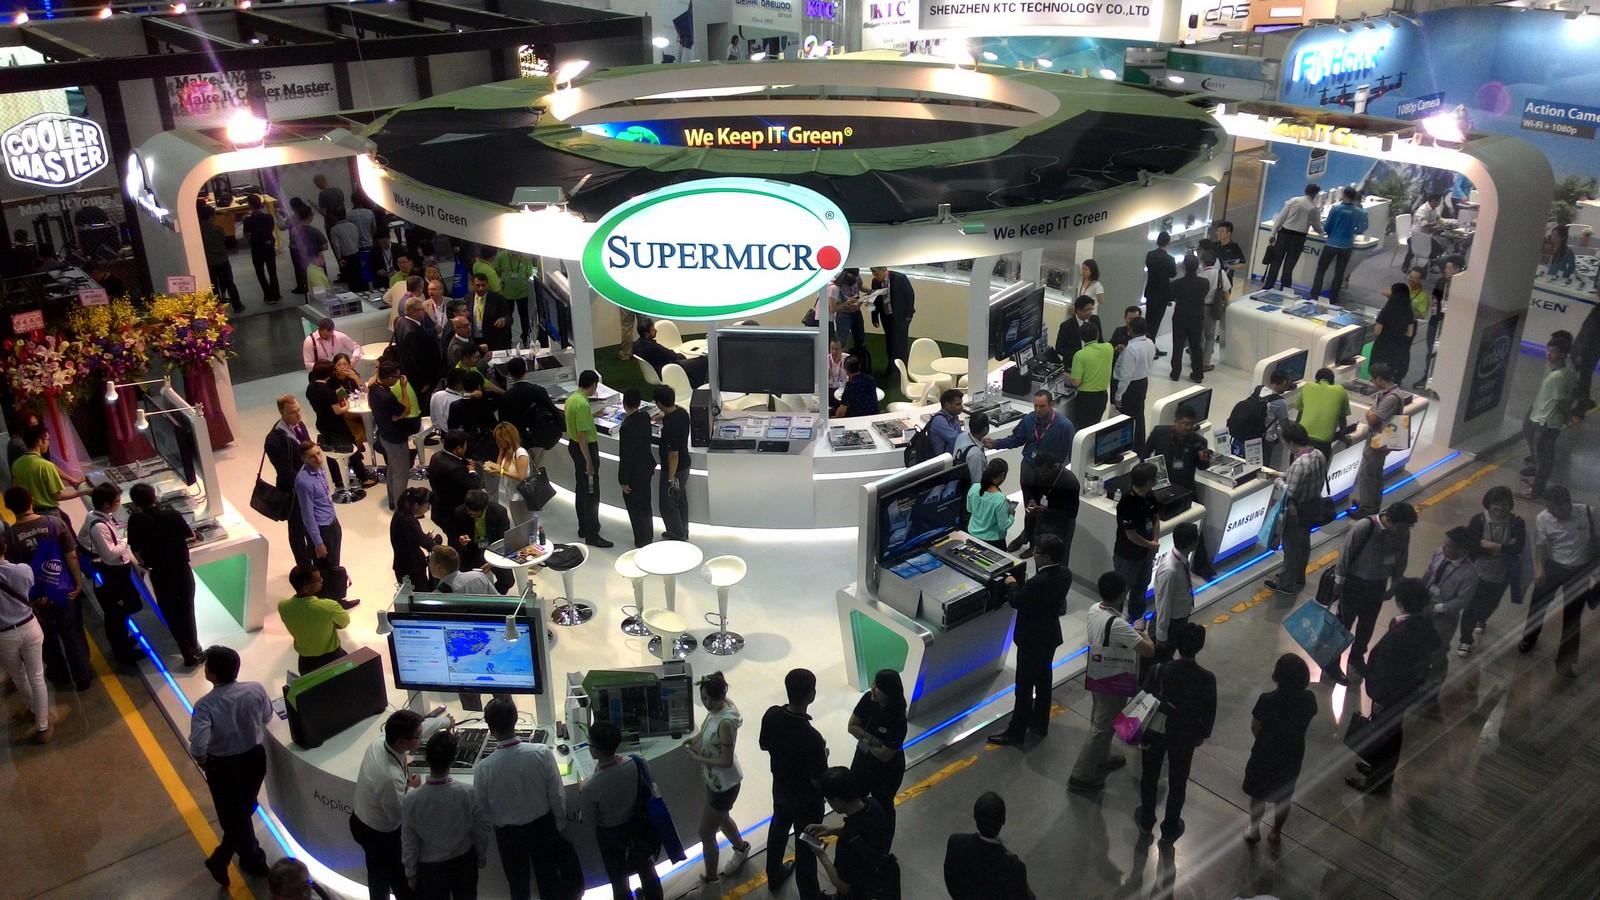 Green Computing Dari Supermicro, Pertama untuk Pasar Server di Dunia